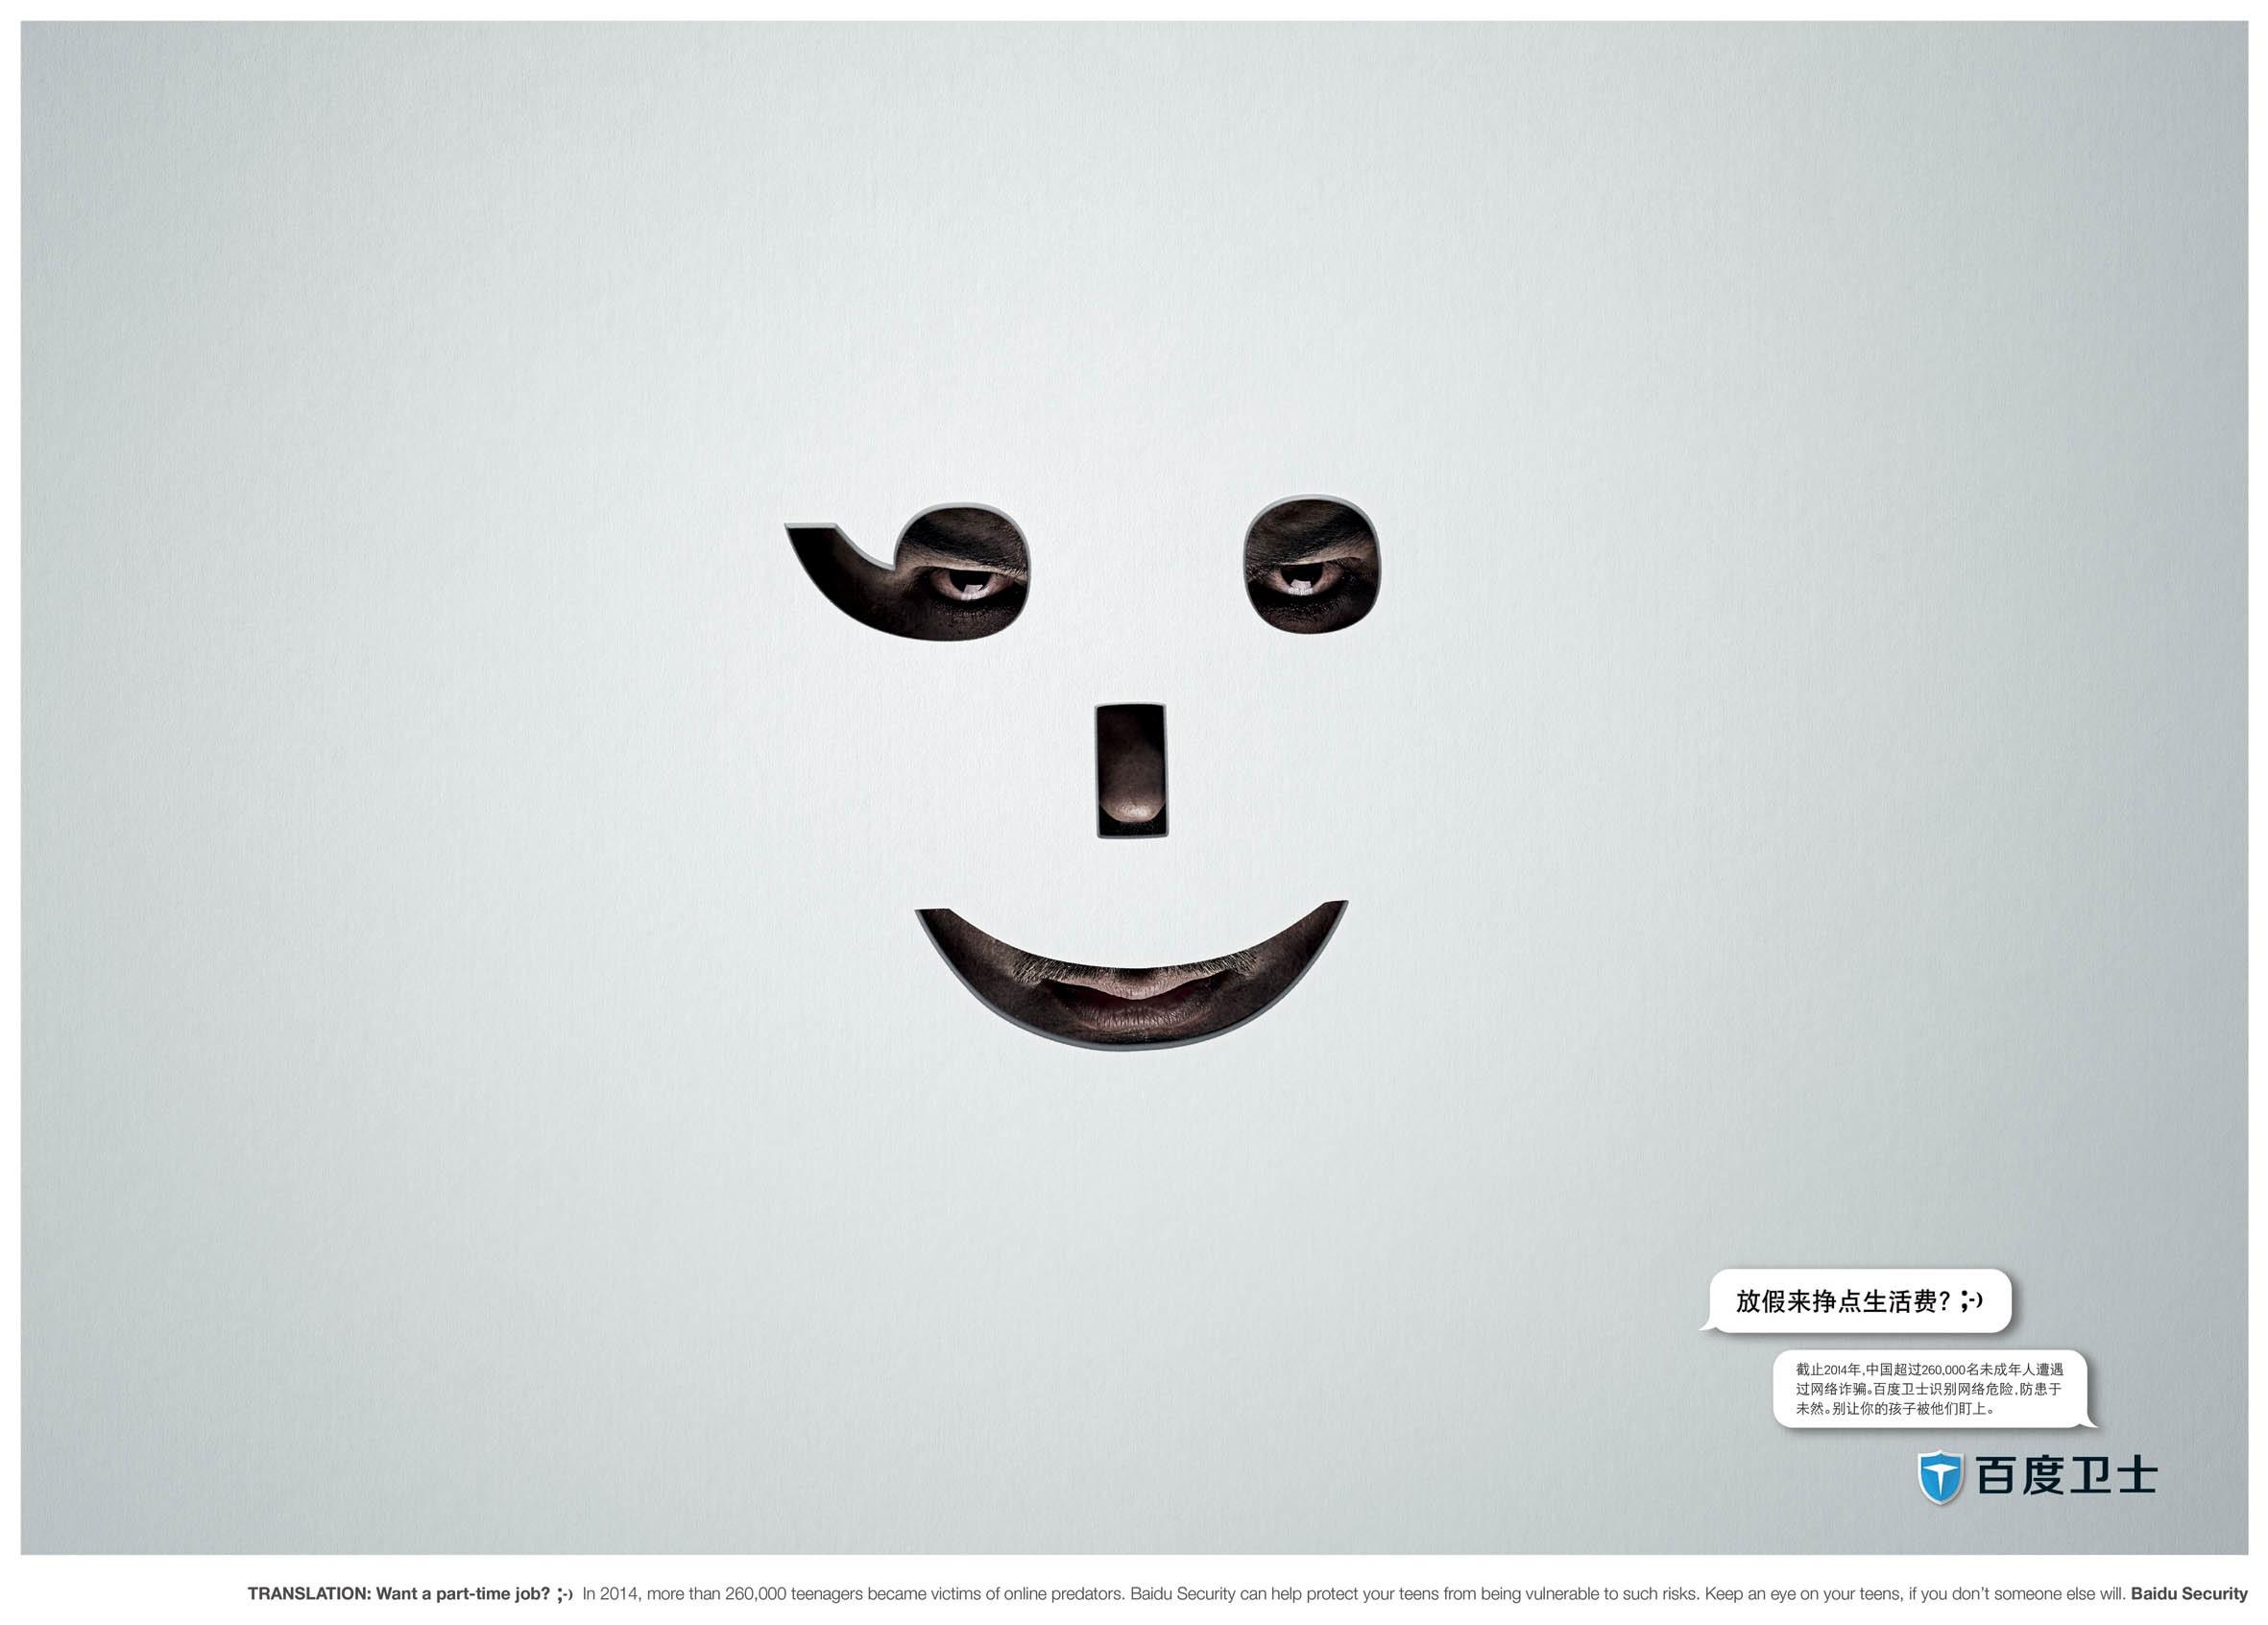 baidu security print advert by y u0026r  want a part